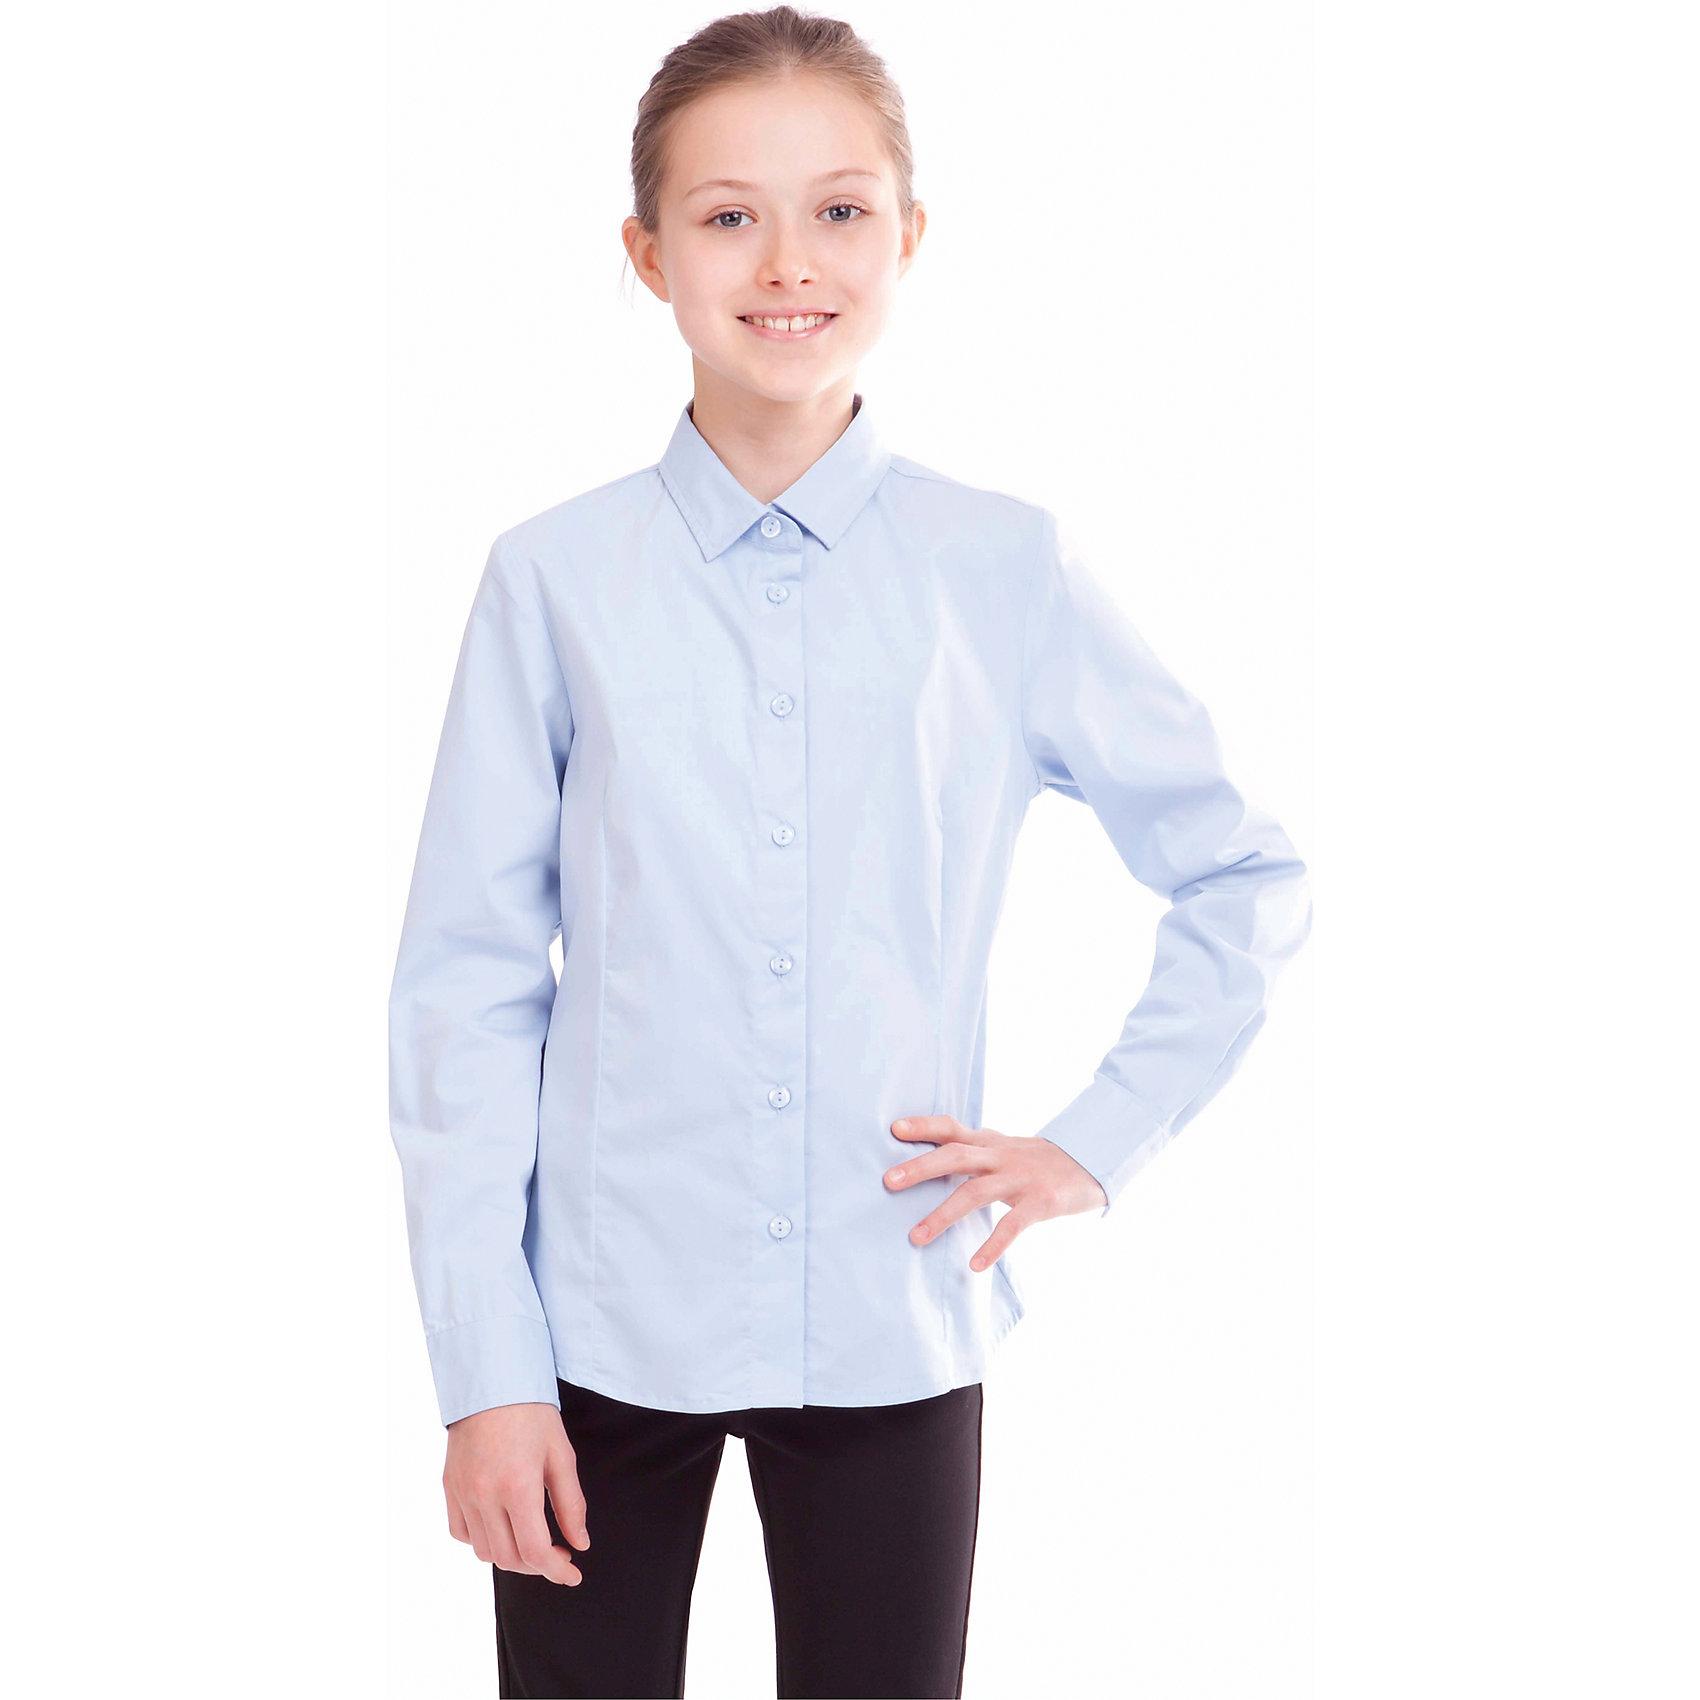 Блузка для девочки GulliverБлузка для девочки от российской марки Gulliver.<br>Классическая блузка для каждого дня современной школьницы.  В составе ткани значительное содержание хлопка. Полиэстер и эластан играют роль смягчающего волокна и гарантируют комфортную посадку блузки на фигуре. Отсутствие крупных декоративных деталей на полочке позволят ей быть прекрасным дополнением к любому сарафану.<br>Состав:<br>68%хлопок, 29% полиэстер, 3%эластан<br><br>Ширина мм: 186<br>Глубина мм: 87<br>Высота мм: 198<br>Вес г: 197<br>Цвет: голубой<br>Возраст от месяцев: 120<br>Возраст до месяцев: 132<br>Пол: Женский<br>Возраст: Детский<br>Размер: 146,134,140,158,152,128,122<br>SKU: 4174768